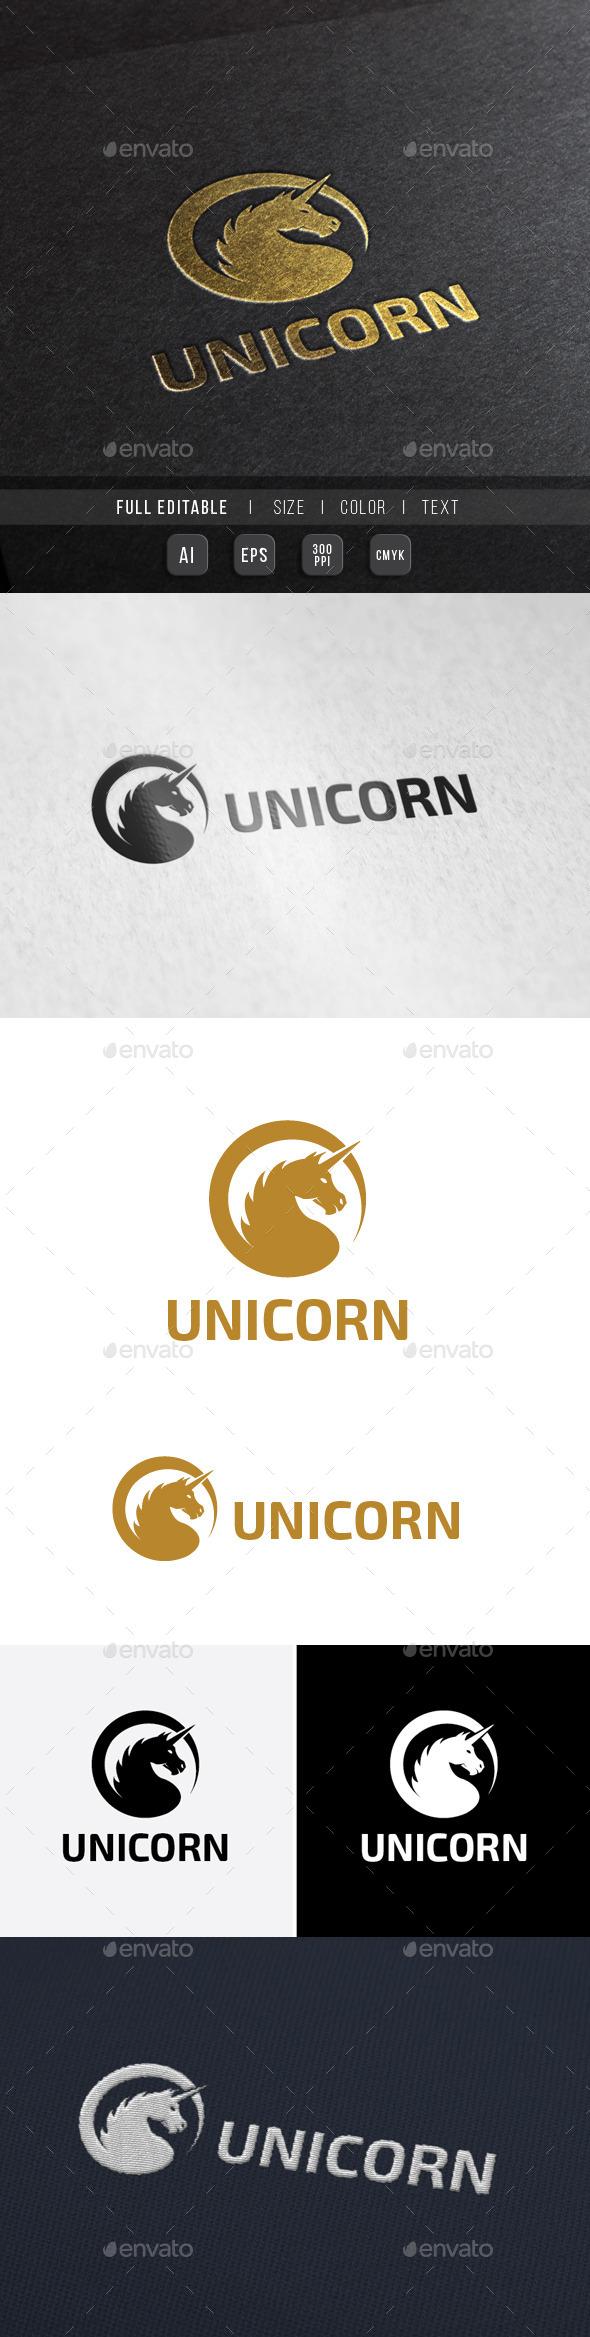 GraphicRiver Royal Knight Unicorn 10012850